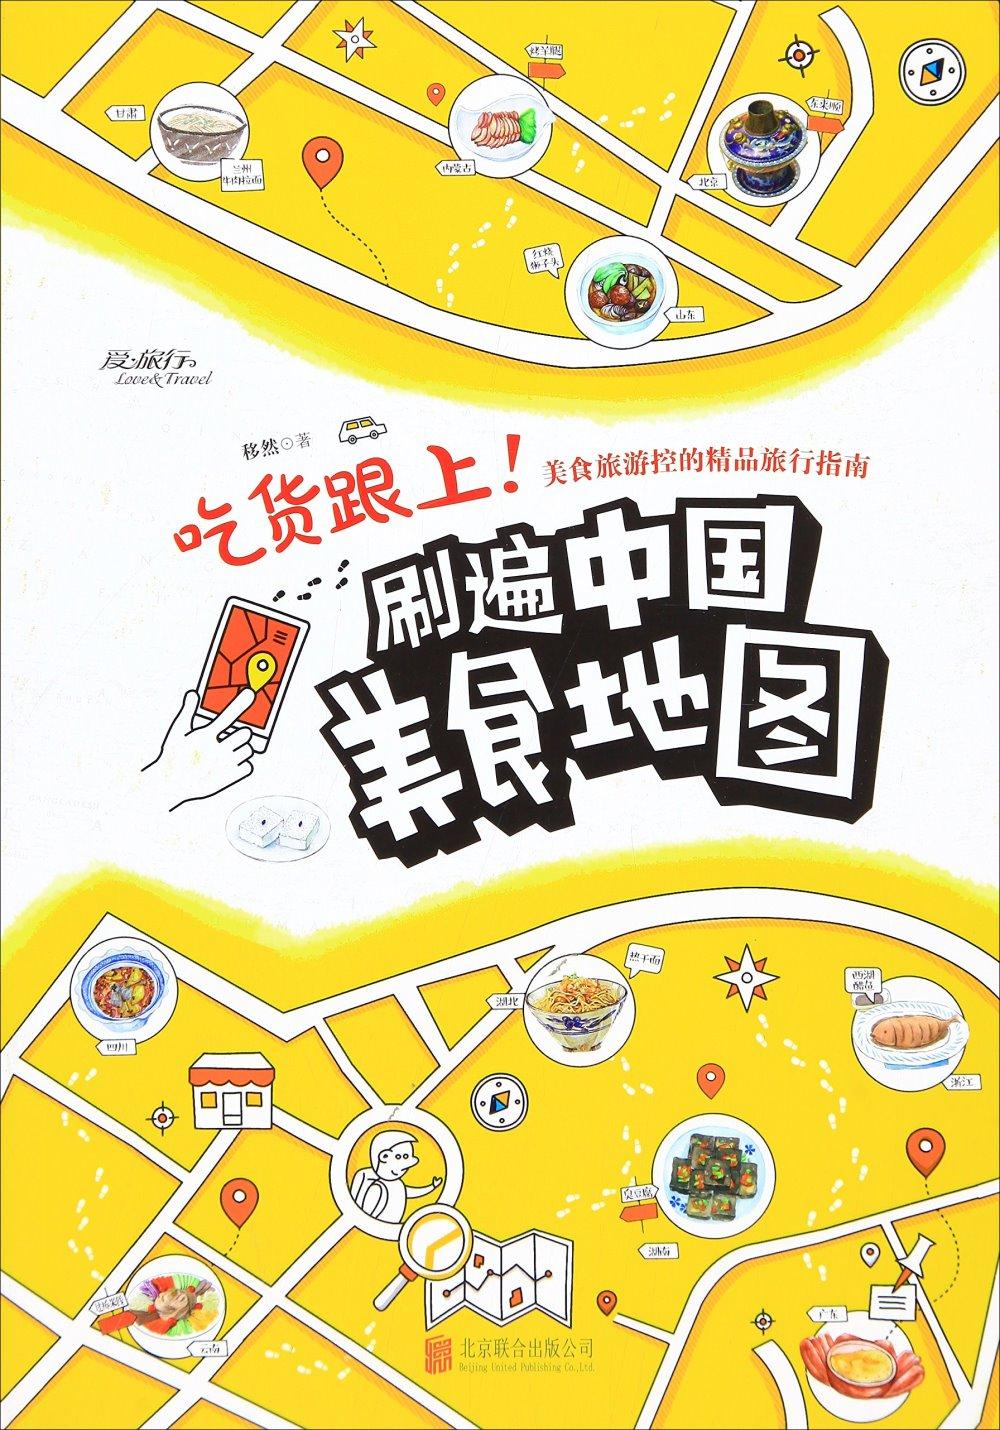 吃貨跟上^!刷遍中國美食地圖